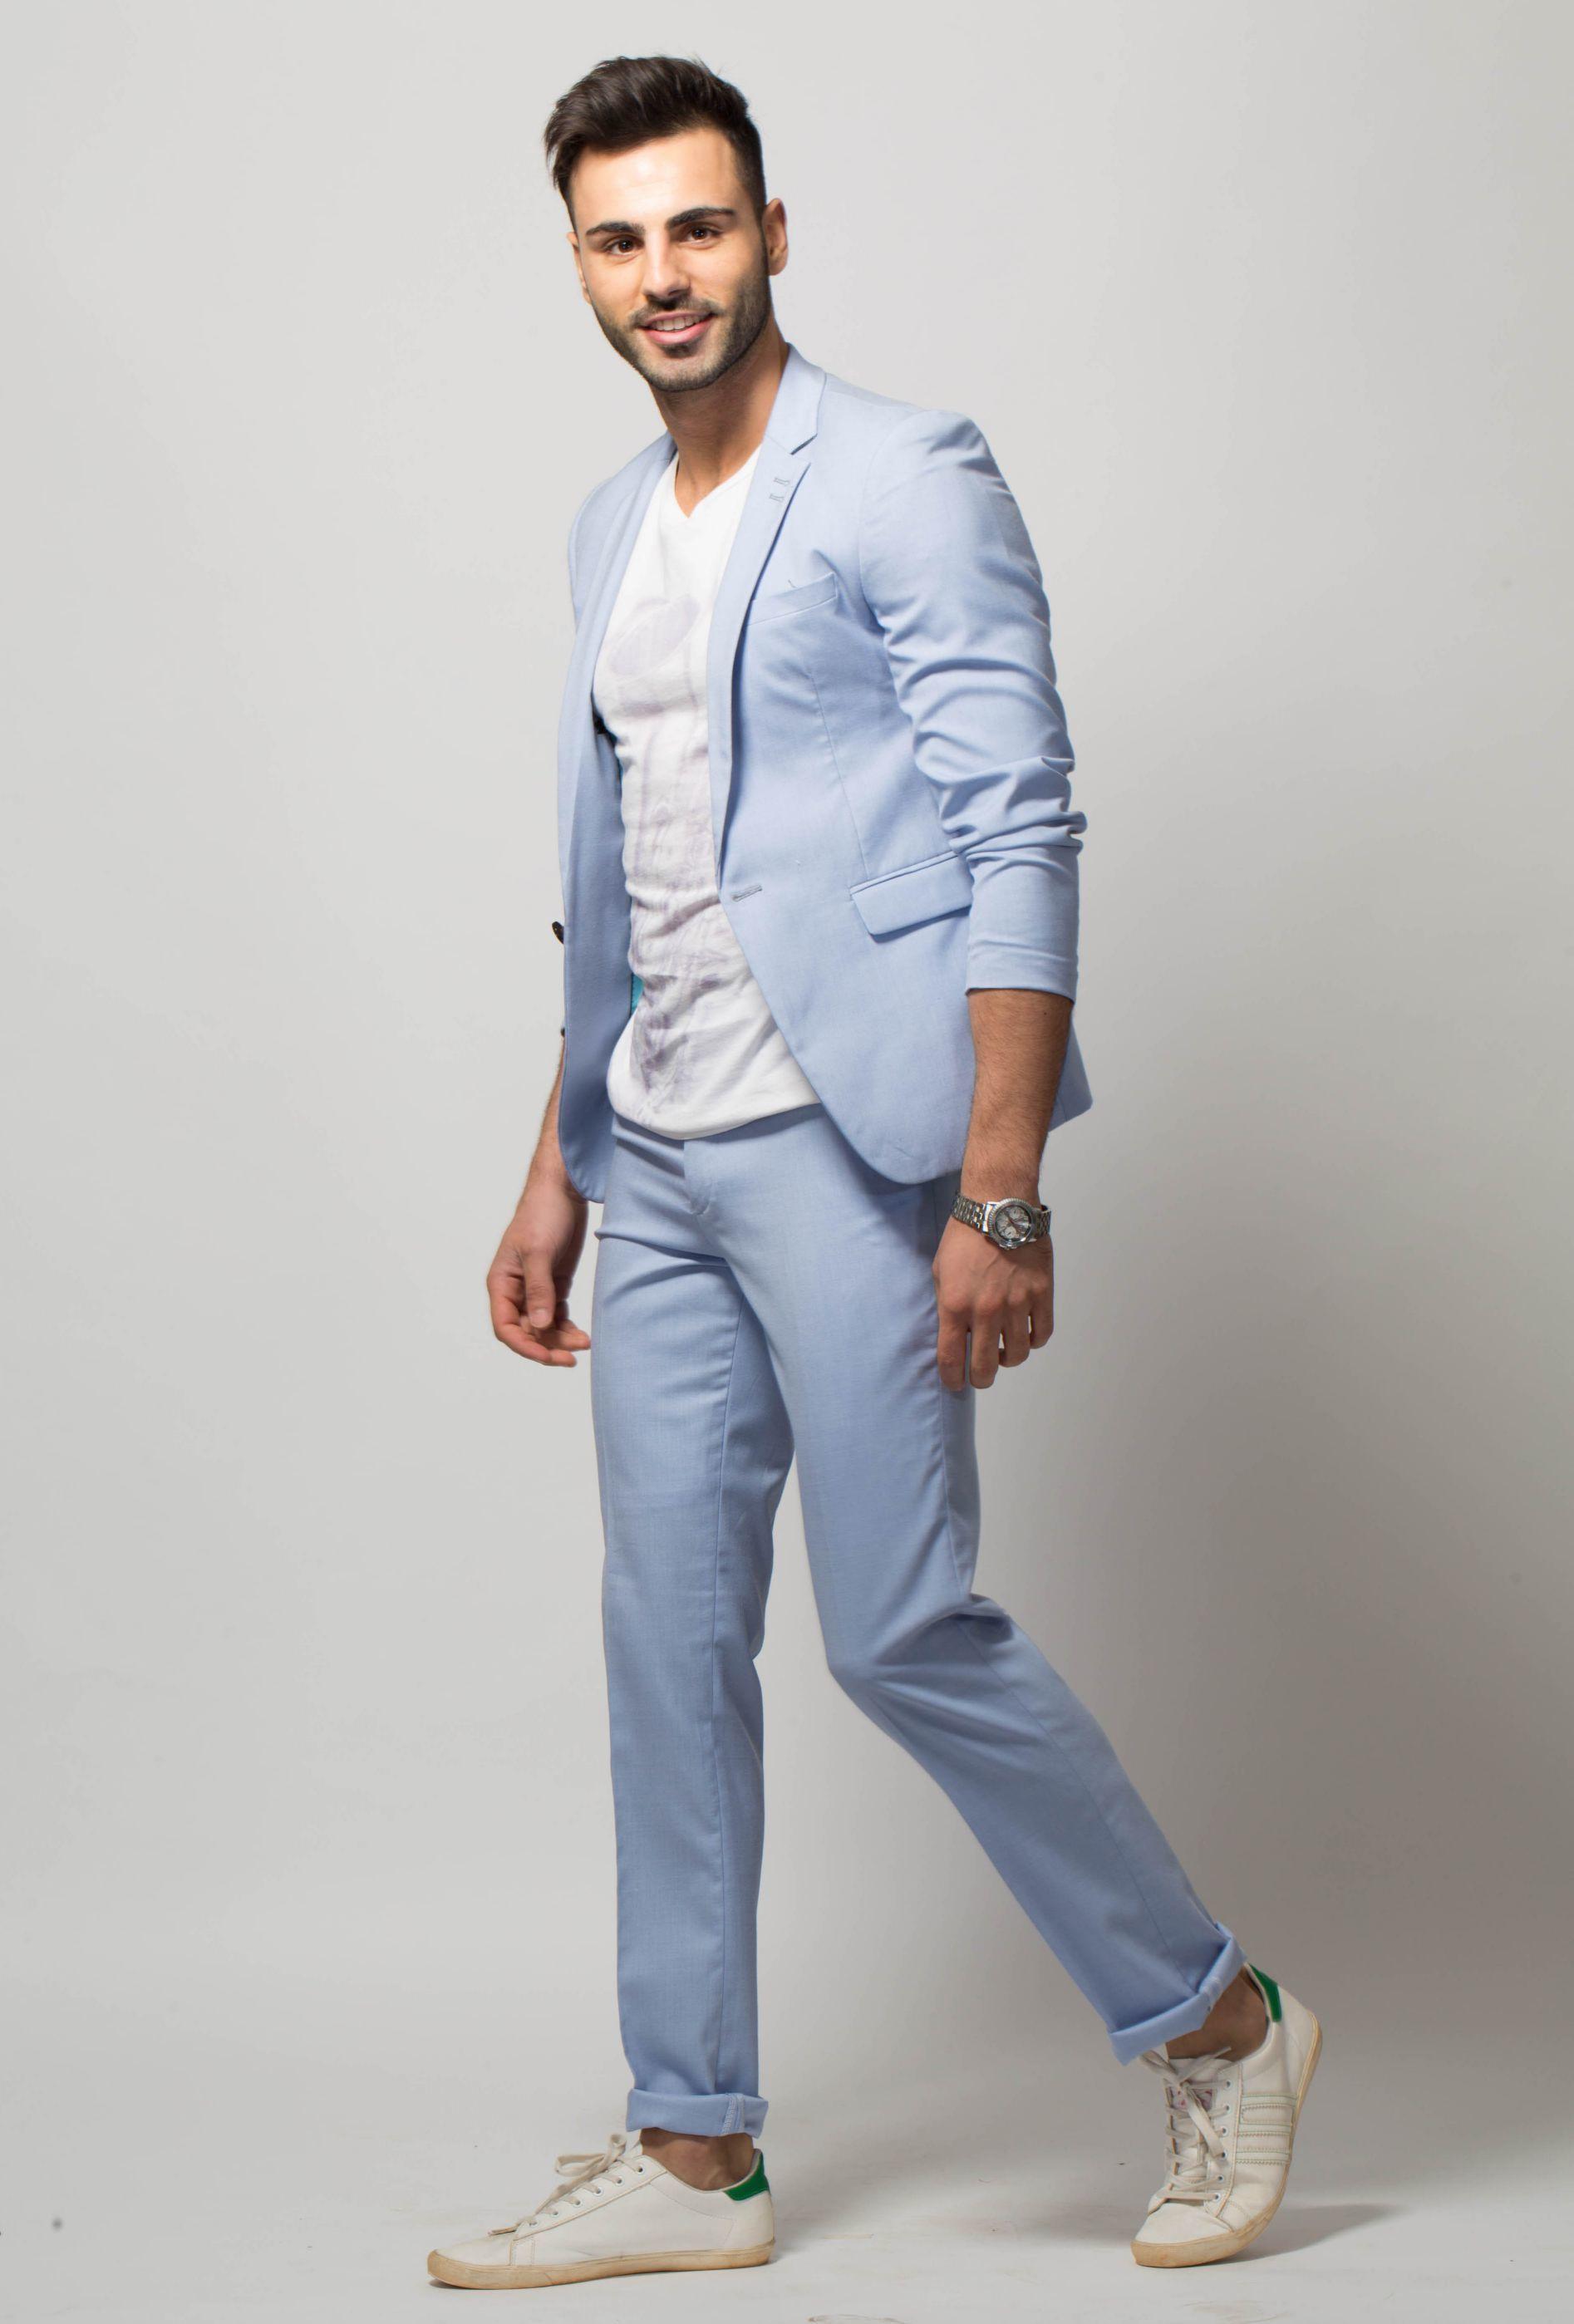 baby blue suit suit la